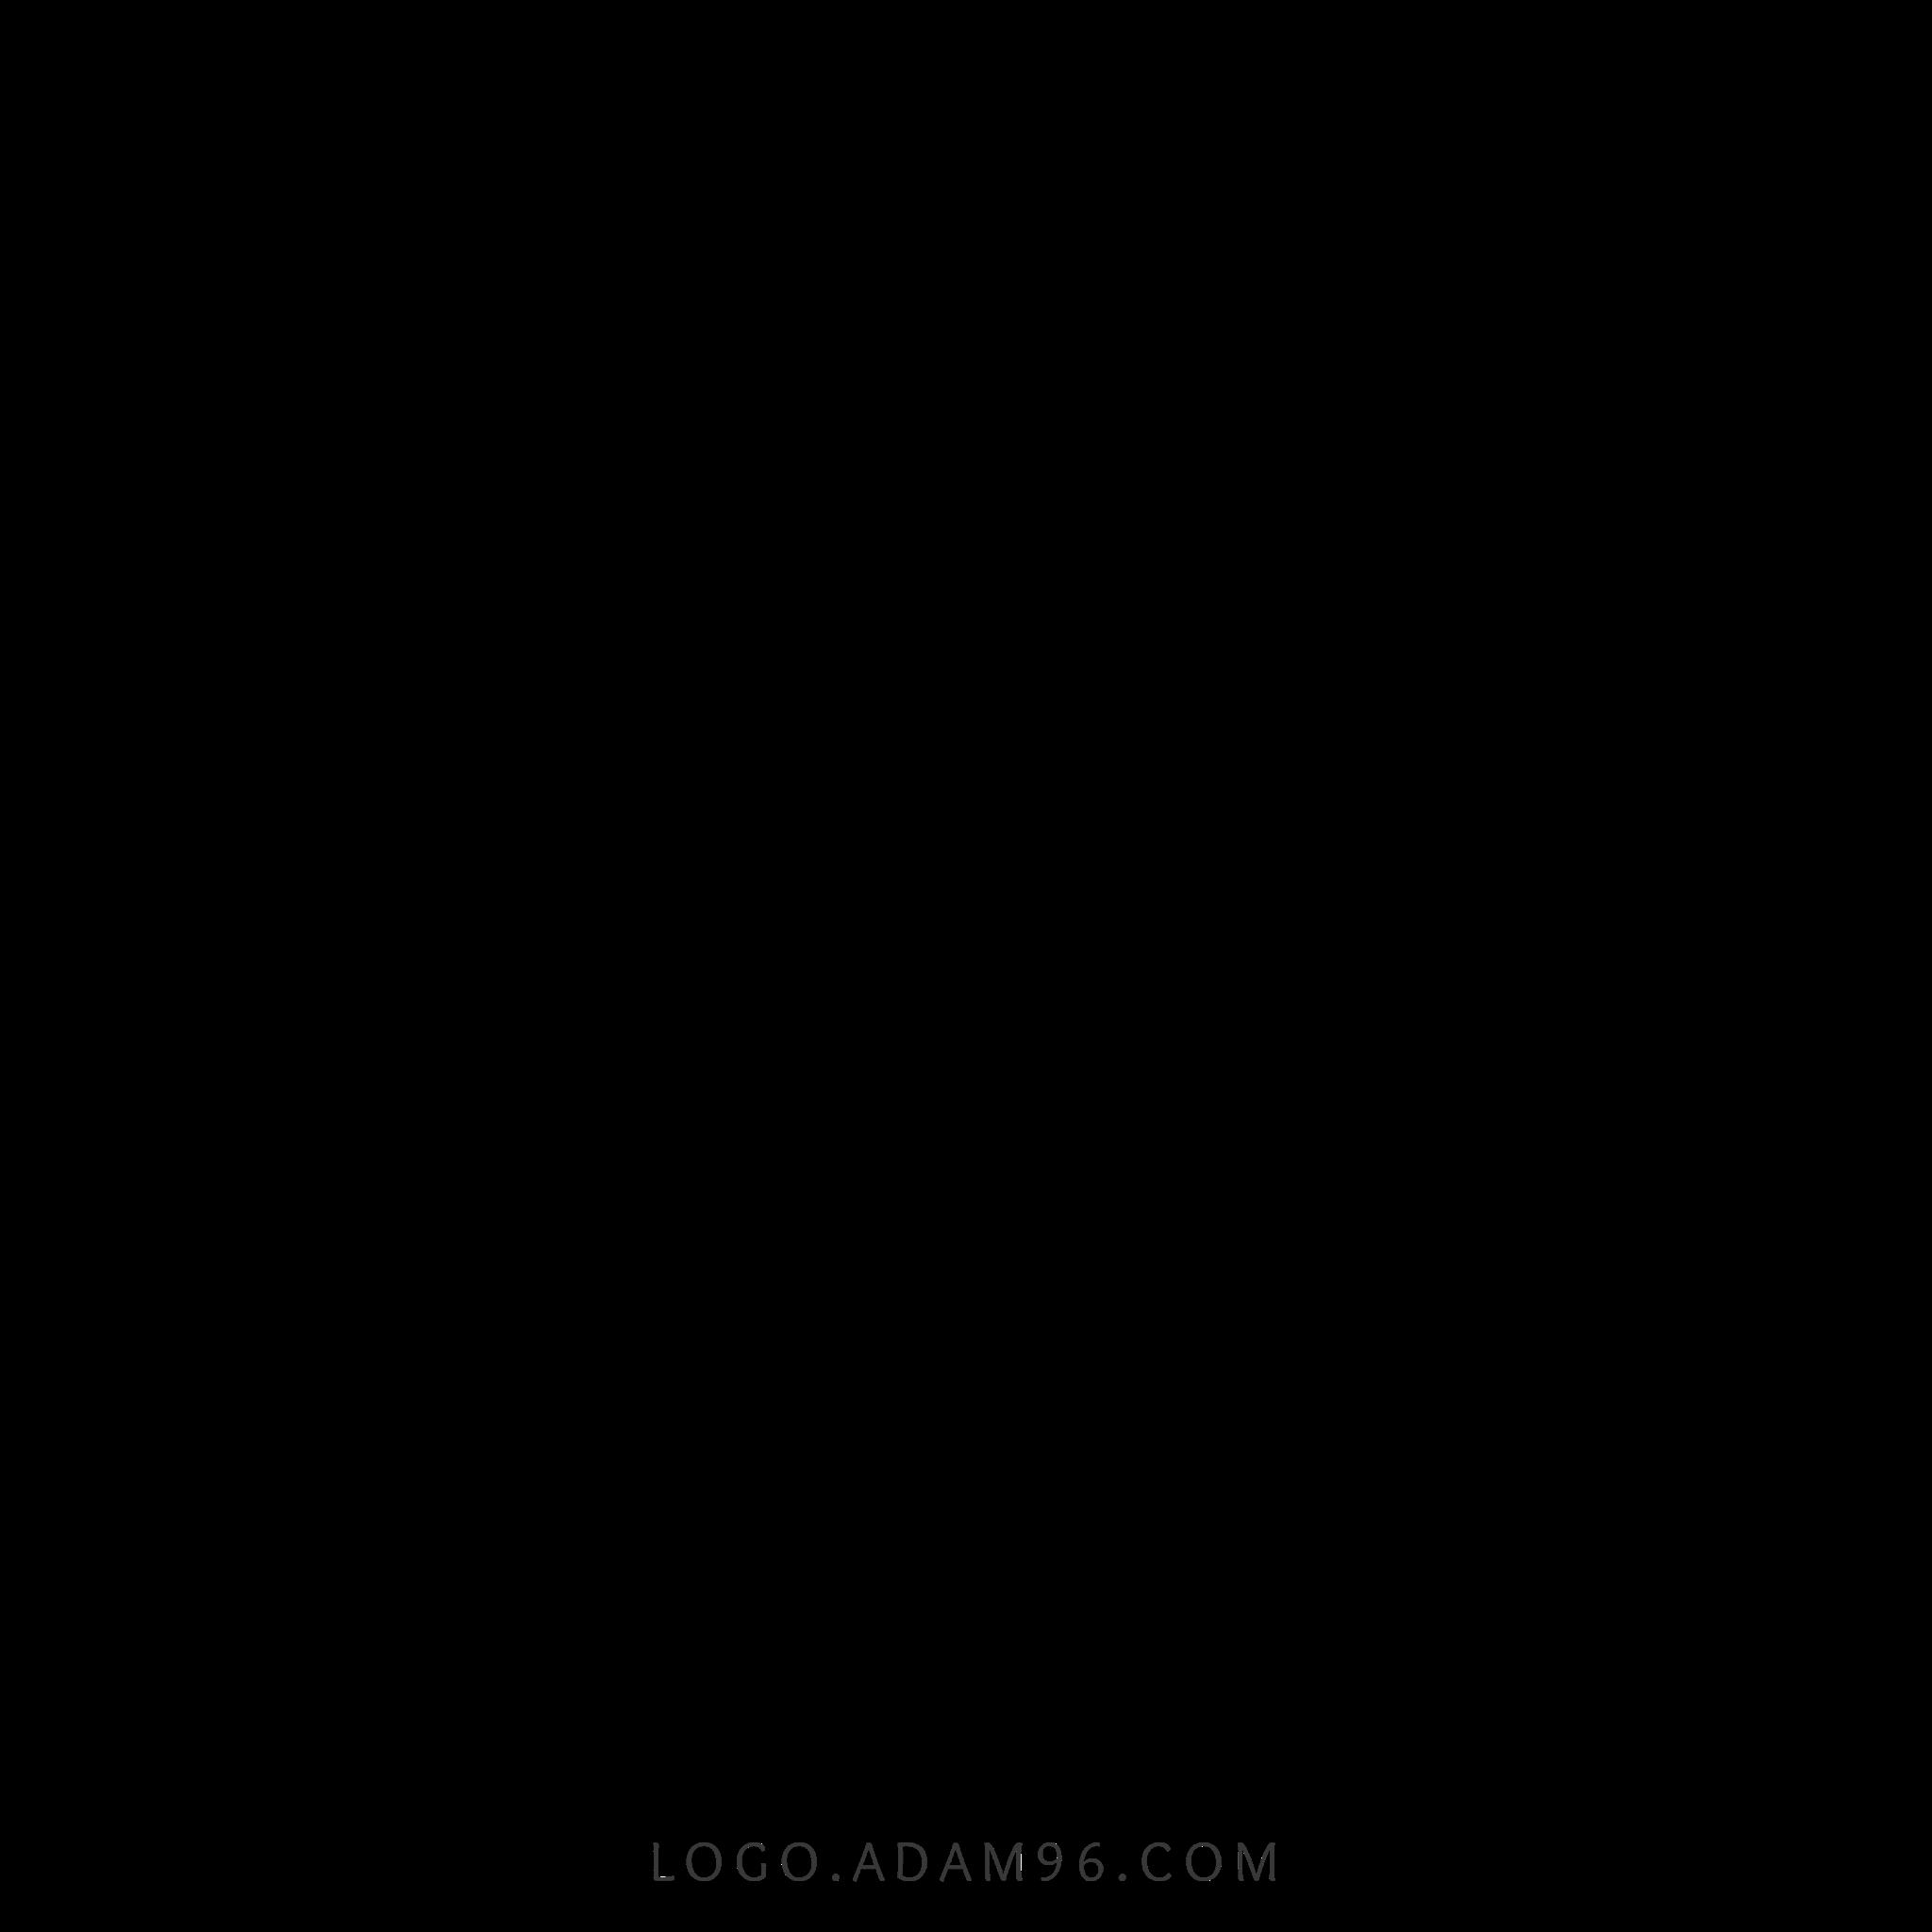 تحميل شعار ايفون 12 برو ماكس لوجو عالي الدقة بصيغة شفافة Logo iPhone 12 Pro Mix PNG